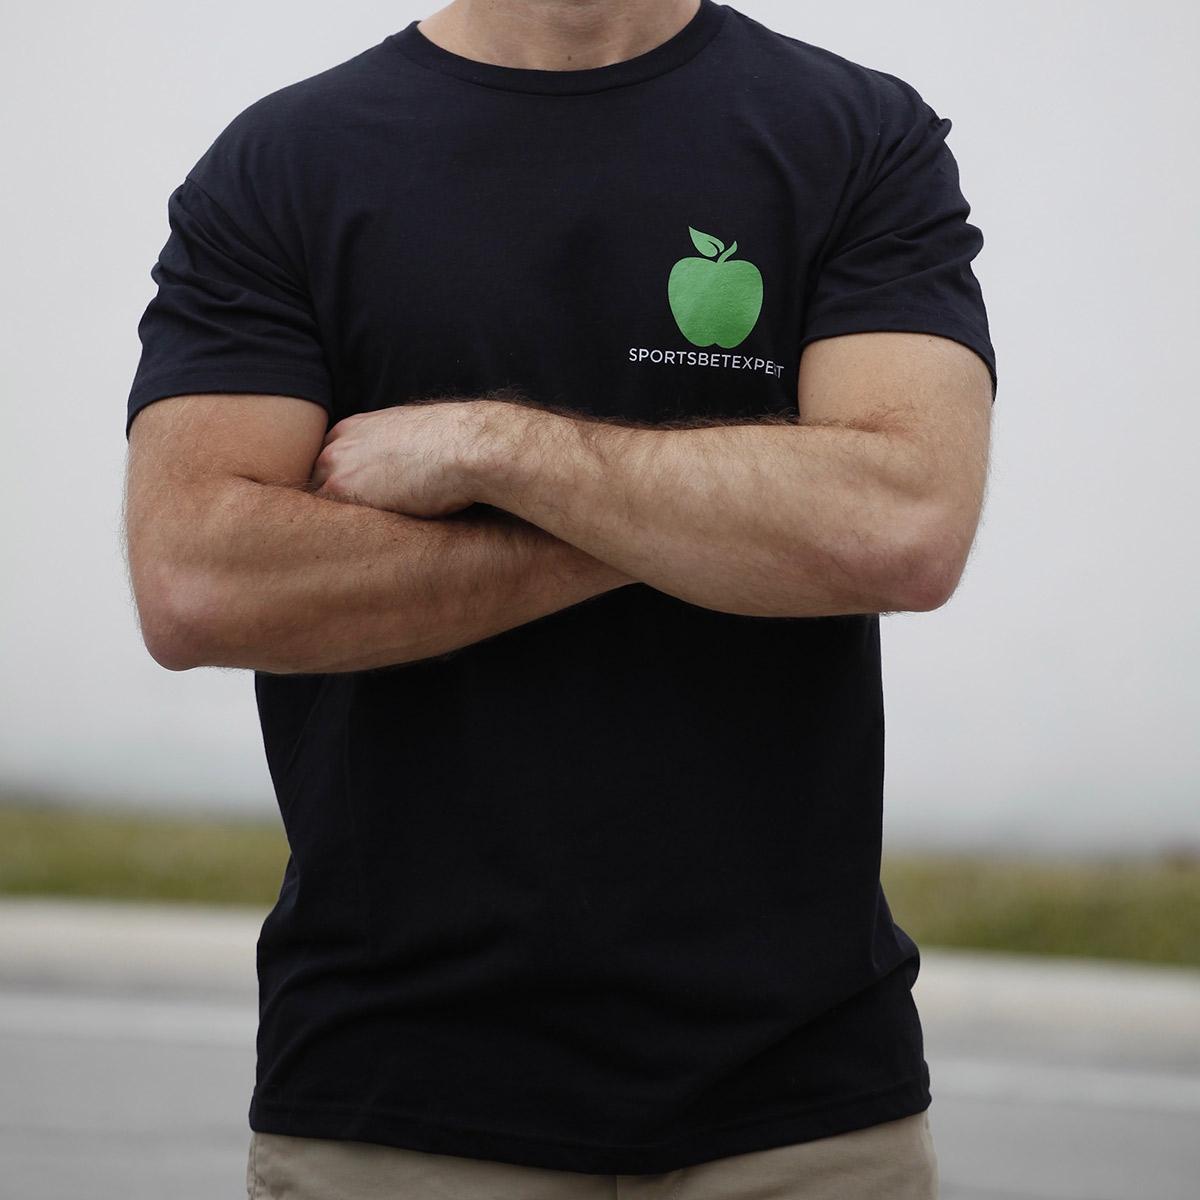 Sports Bet Expert black t shirt - front